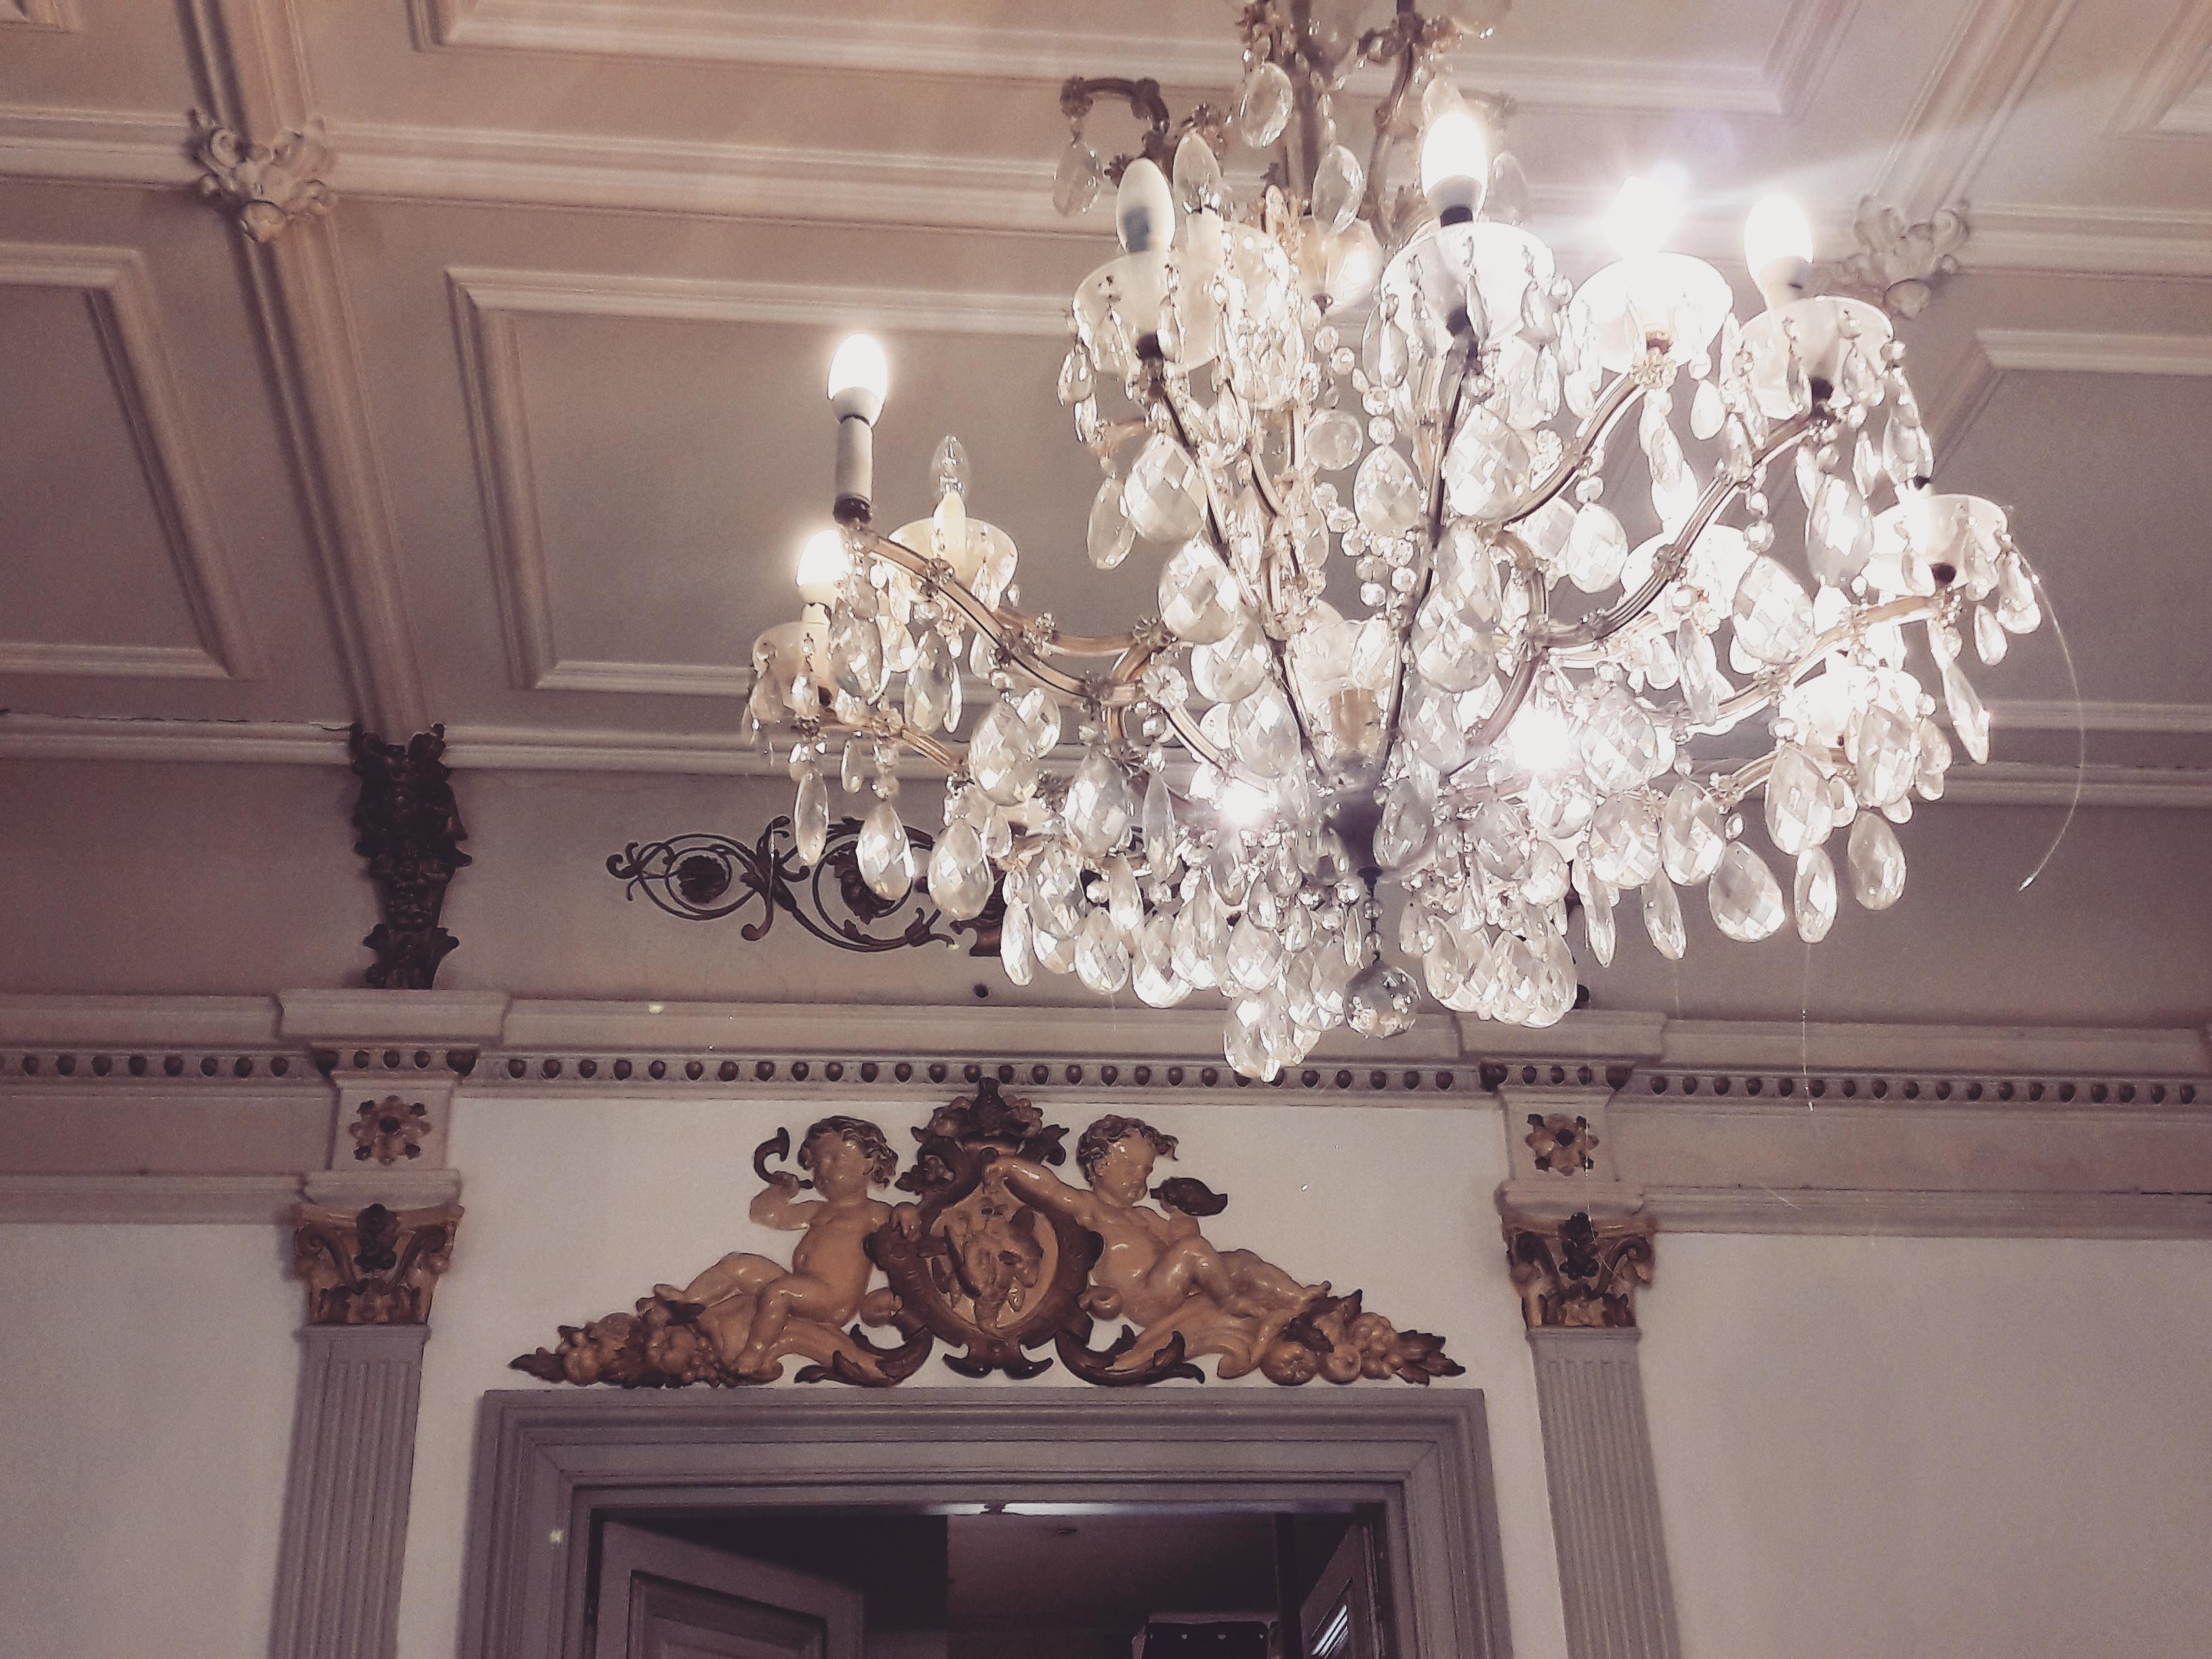 visite insolite de la Canebière dans un hôtel particulier